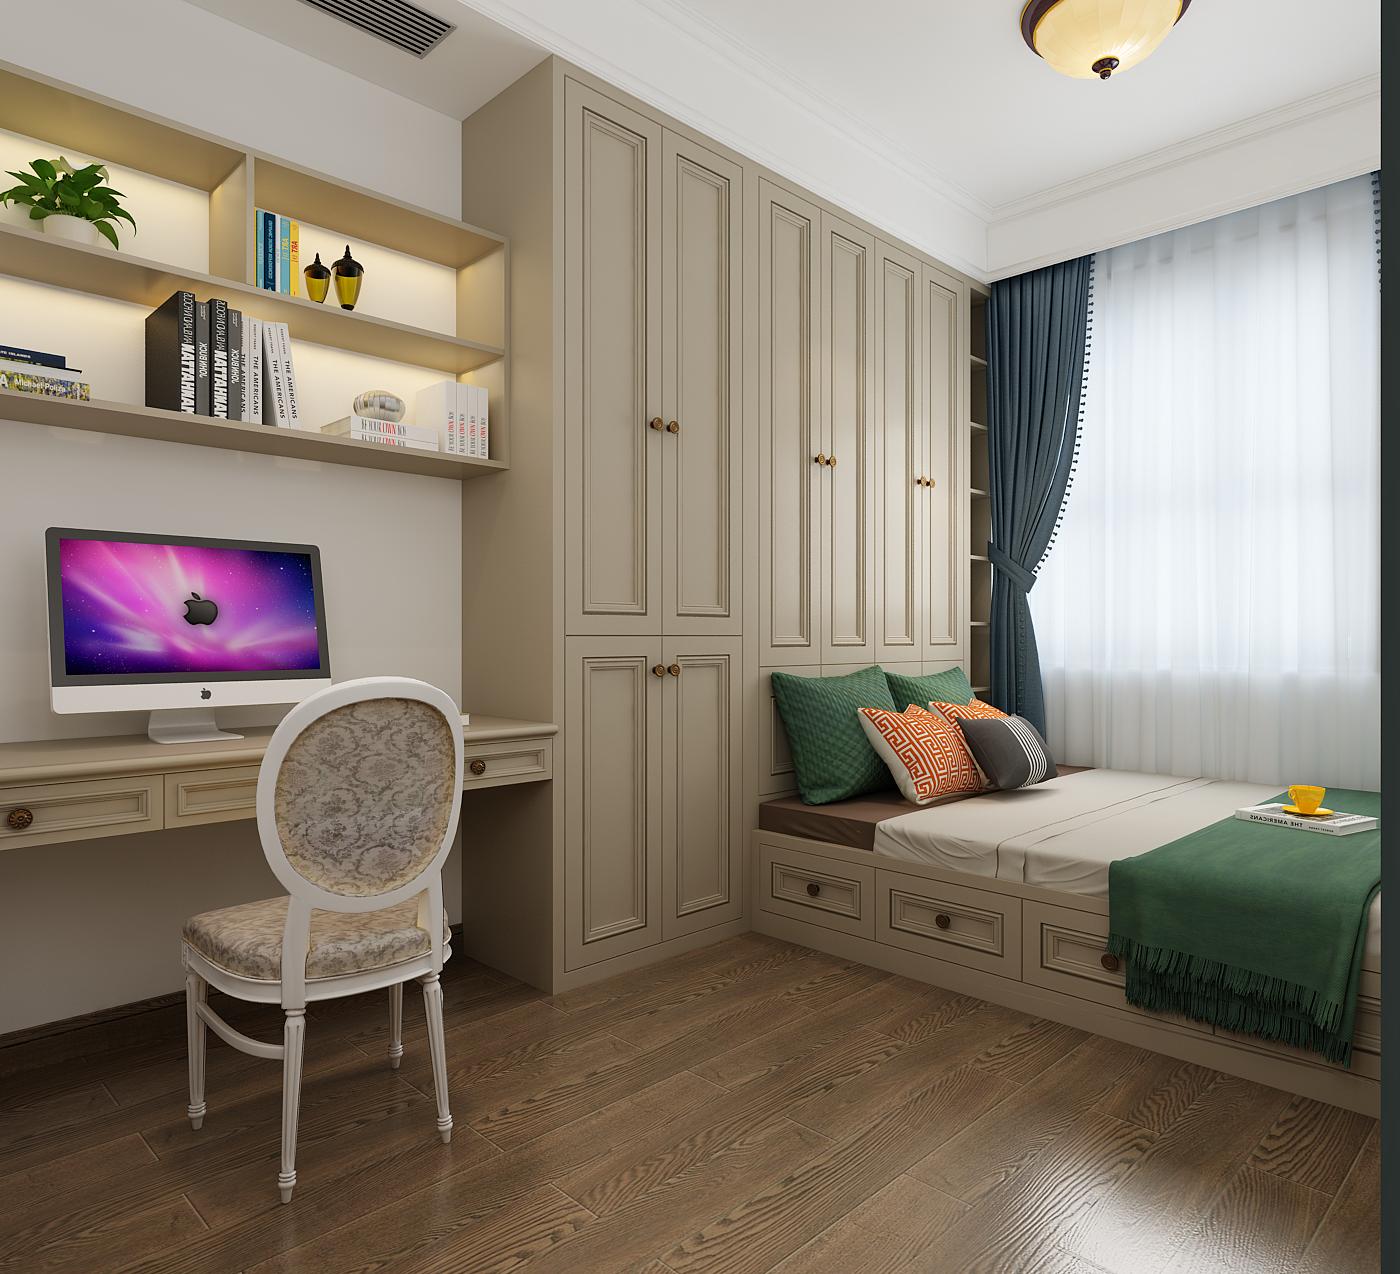 家装设计 简欧风格装修设计 室内设计 美式风装修设计 效果图